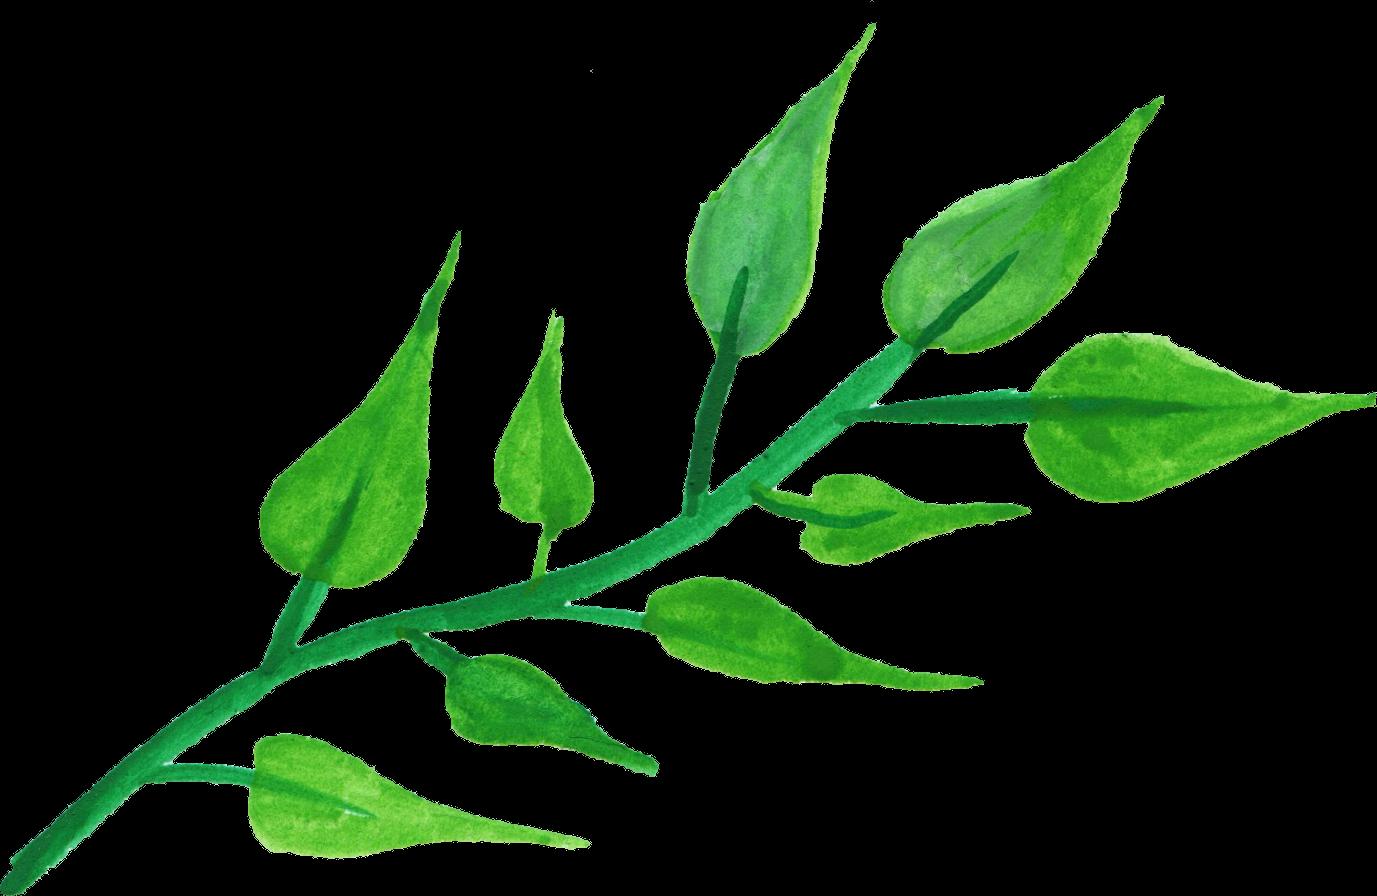 Leaf Plant stem Watercolor painting Clip art.